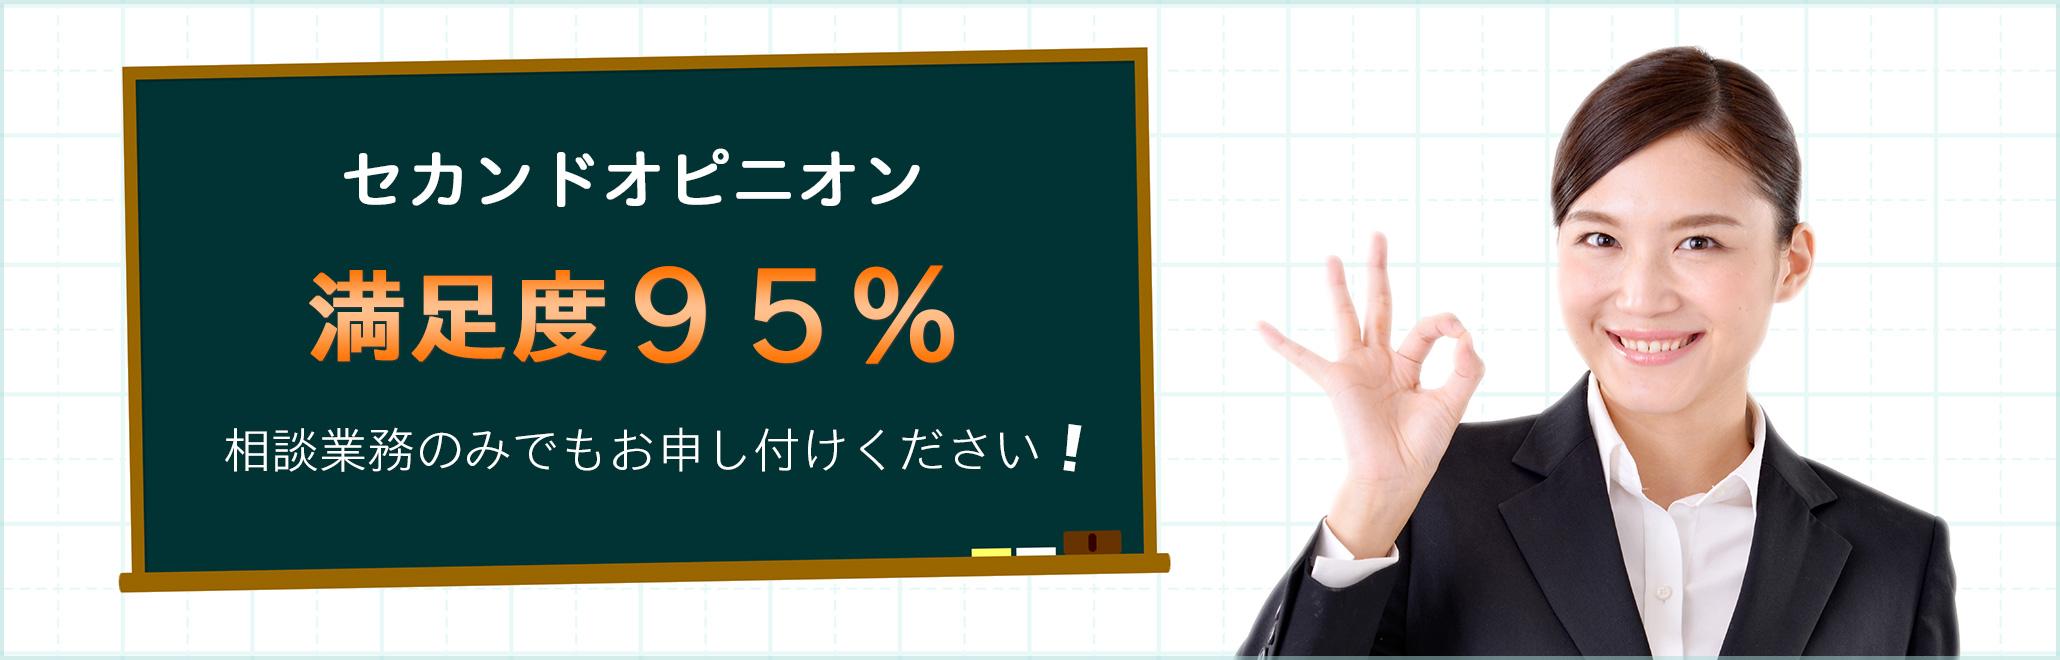 杉本総合会計 セカンドオピニオン満足度95% 相談業務のみでもお申し付けください